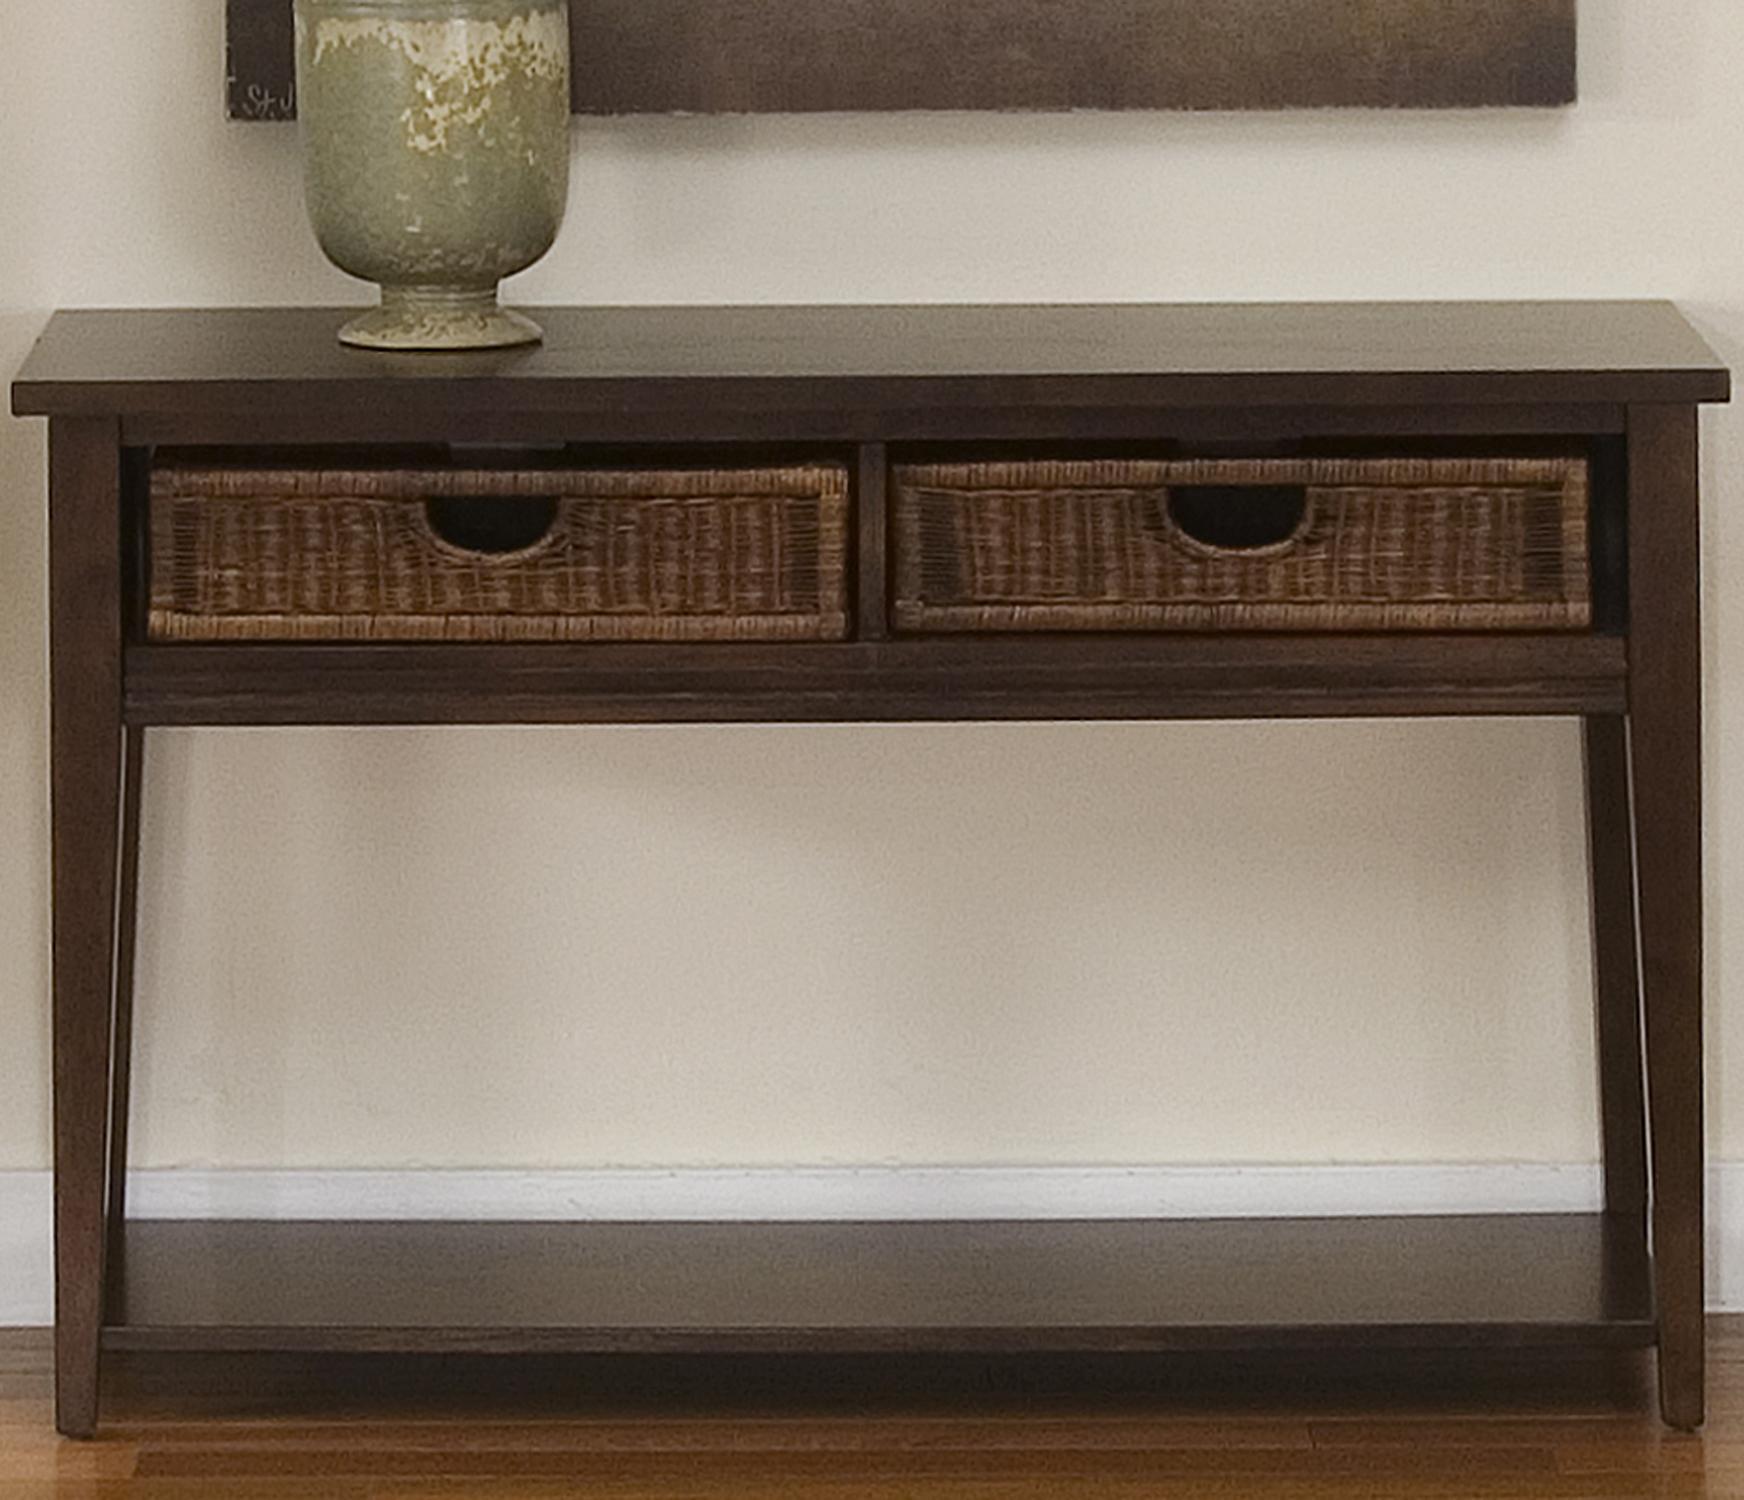 Liberty Furniture Lakewood Basket Sofa Table - Item Number: 481-OT1030